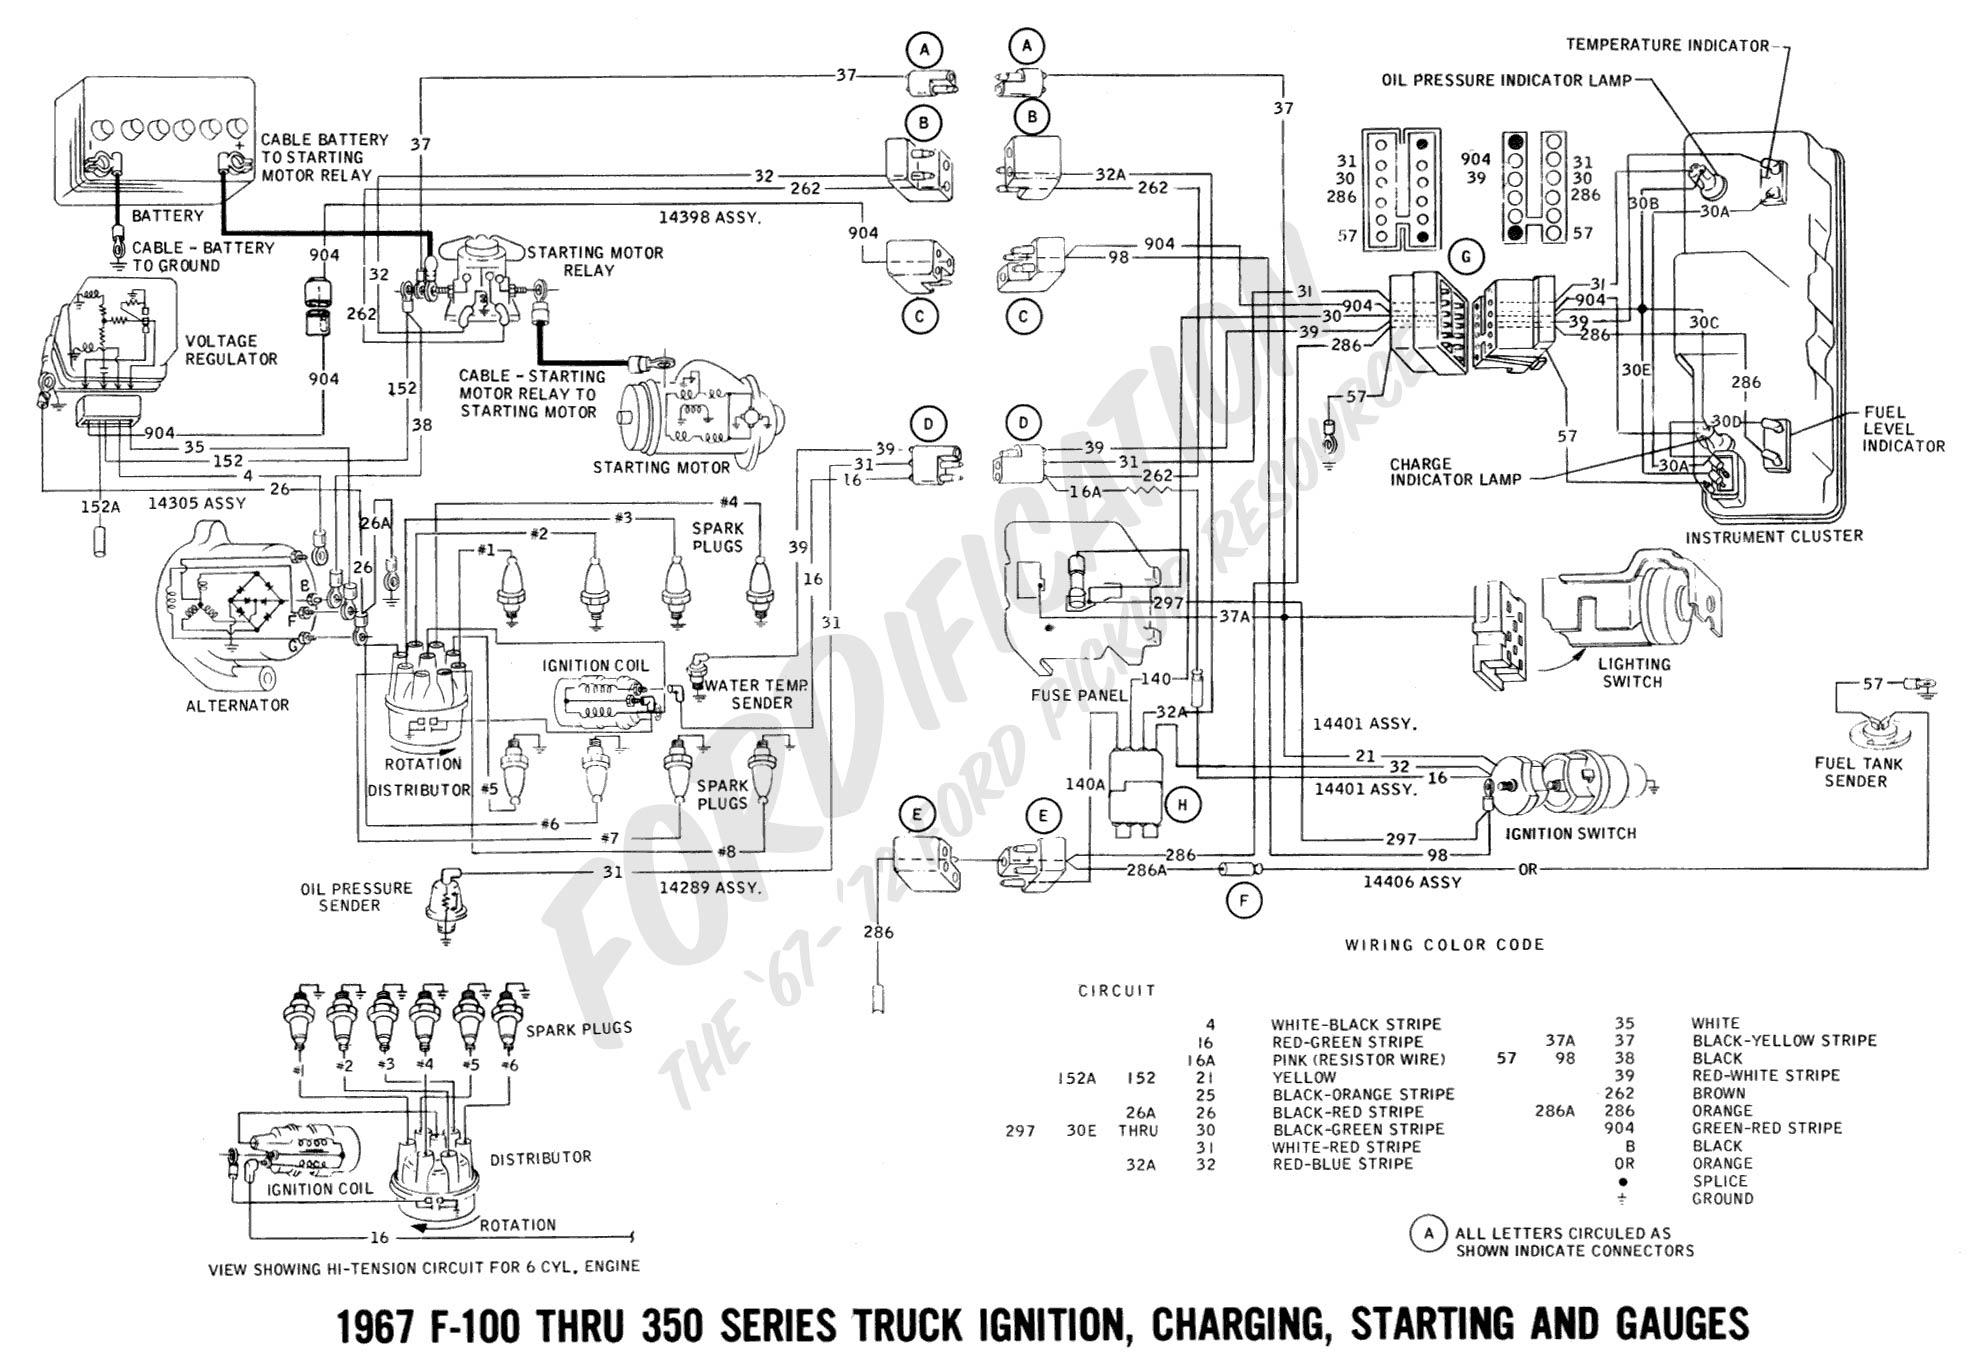 1962 cub cadet wiring schematic